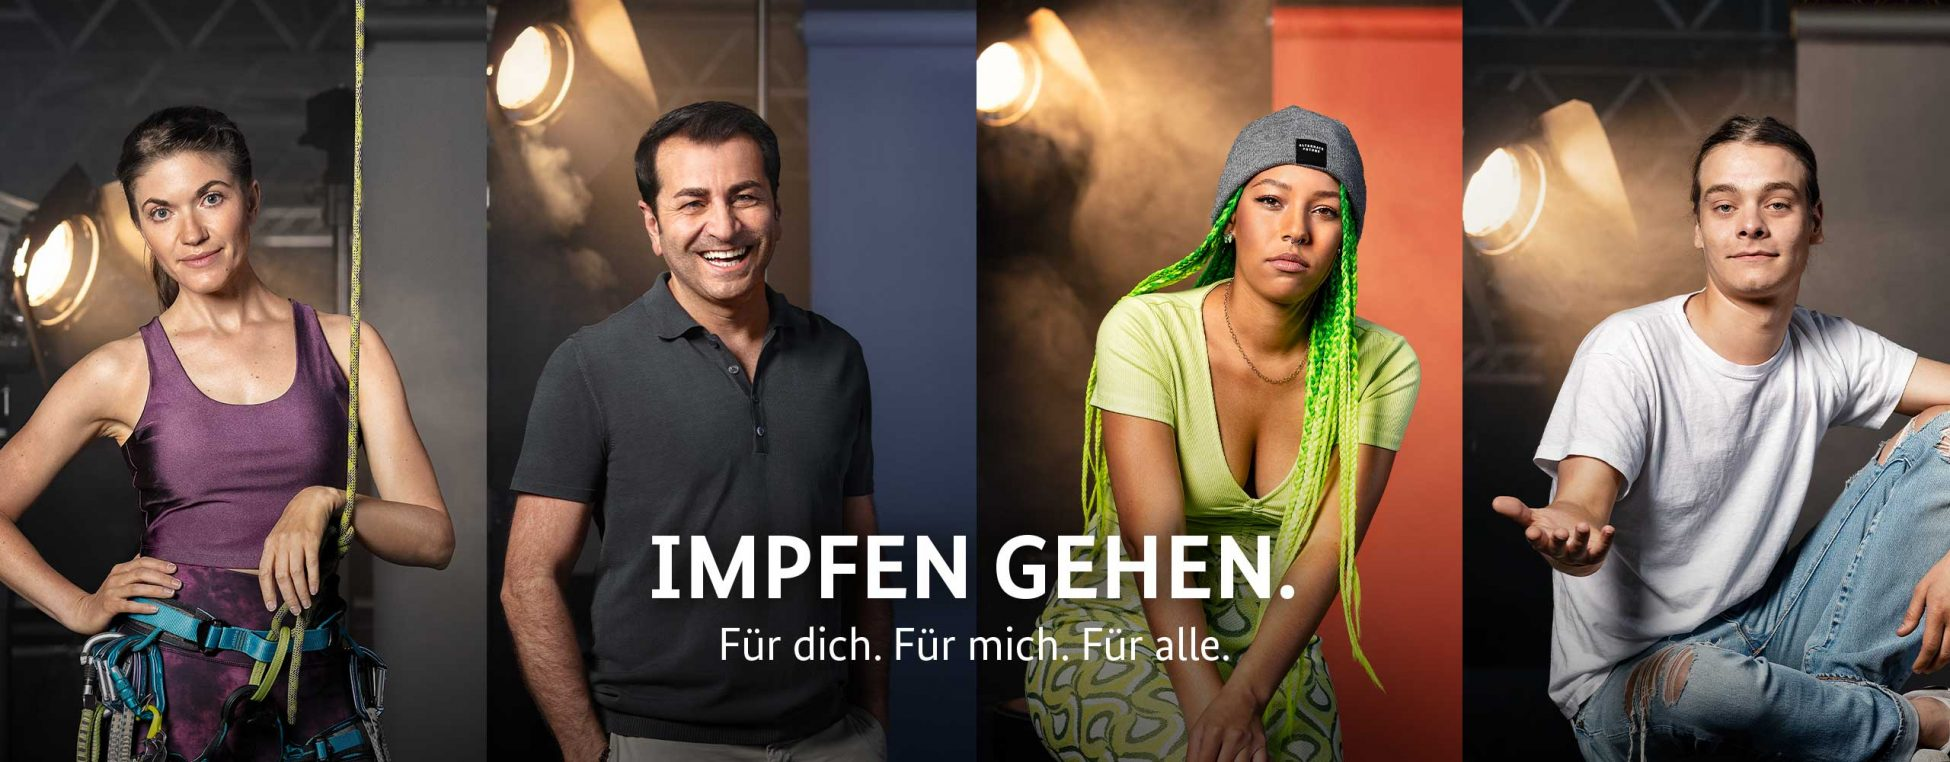 Header/ Newsslider der Imfp-Motivationskampagne